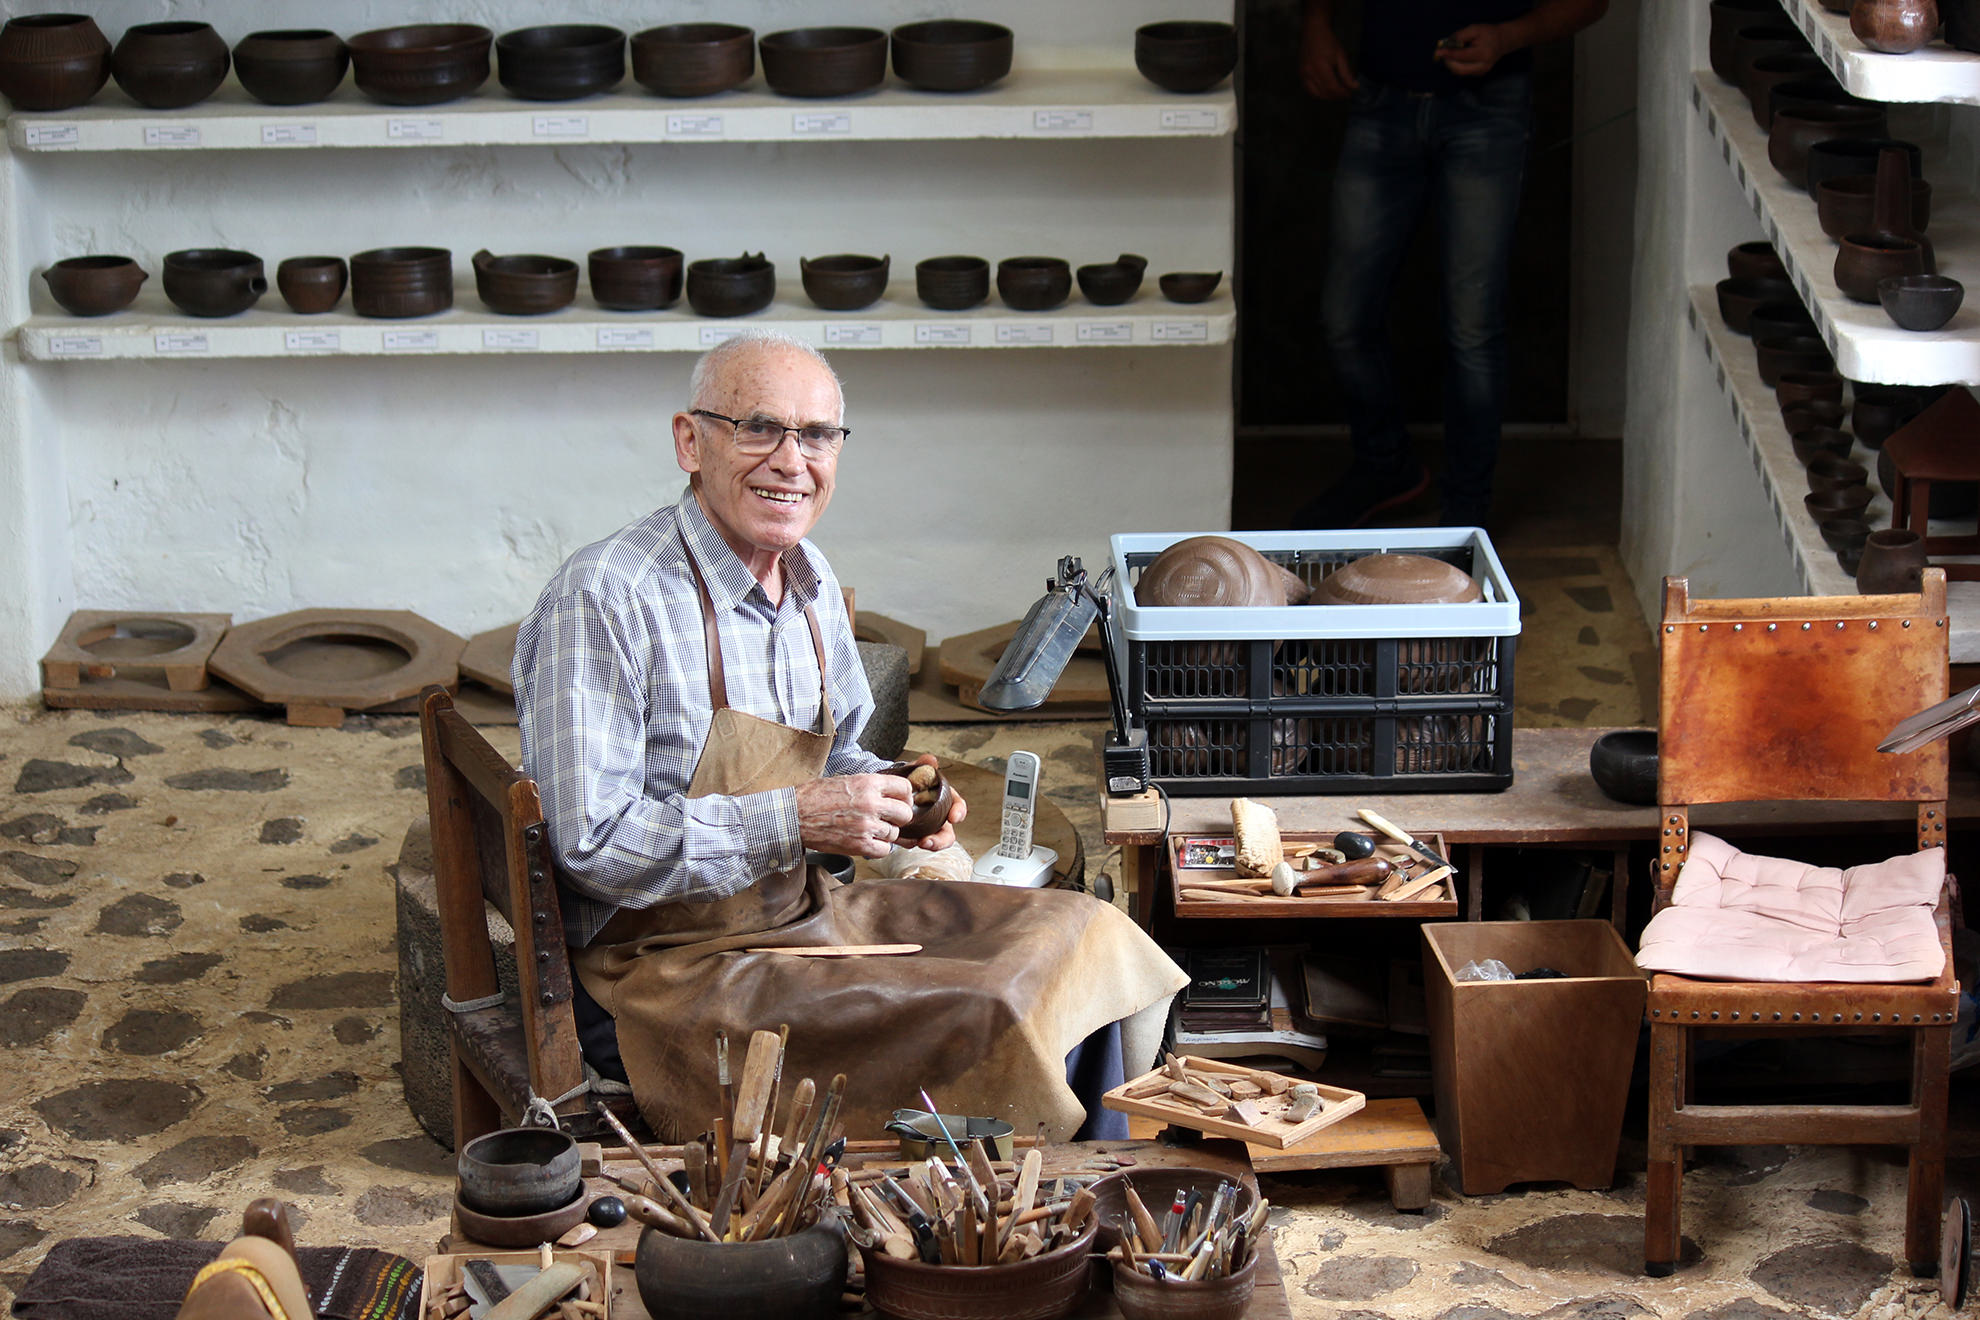 tradizioni e artigianato La Palma